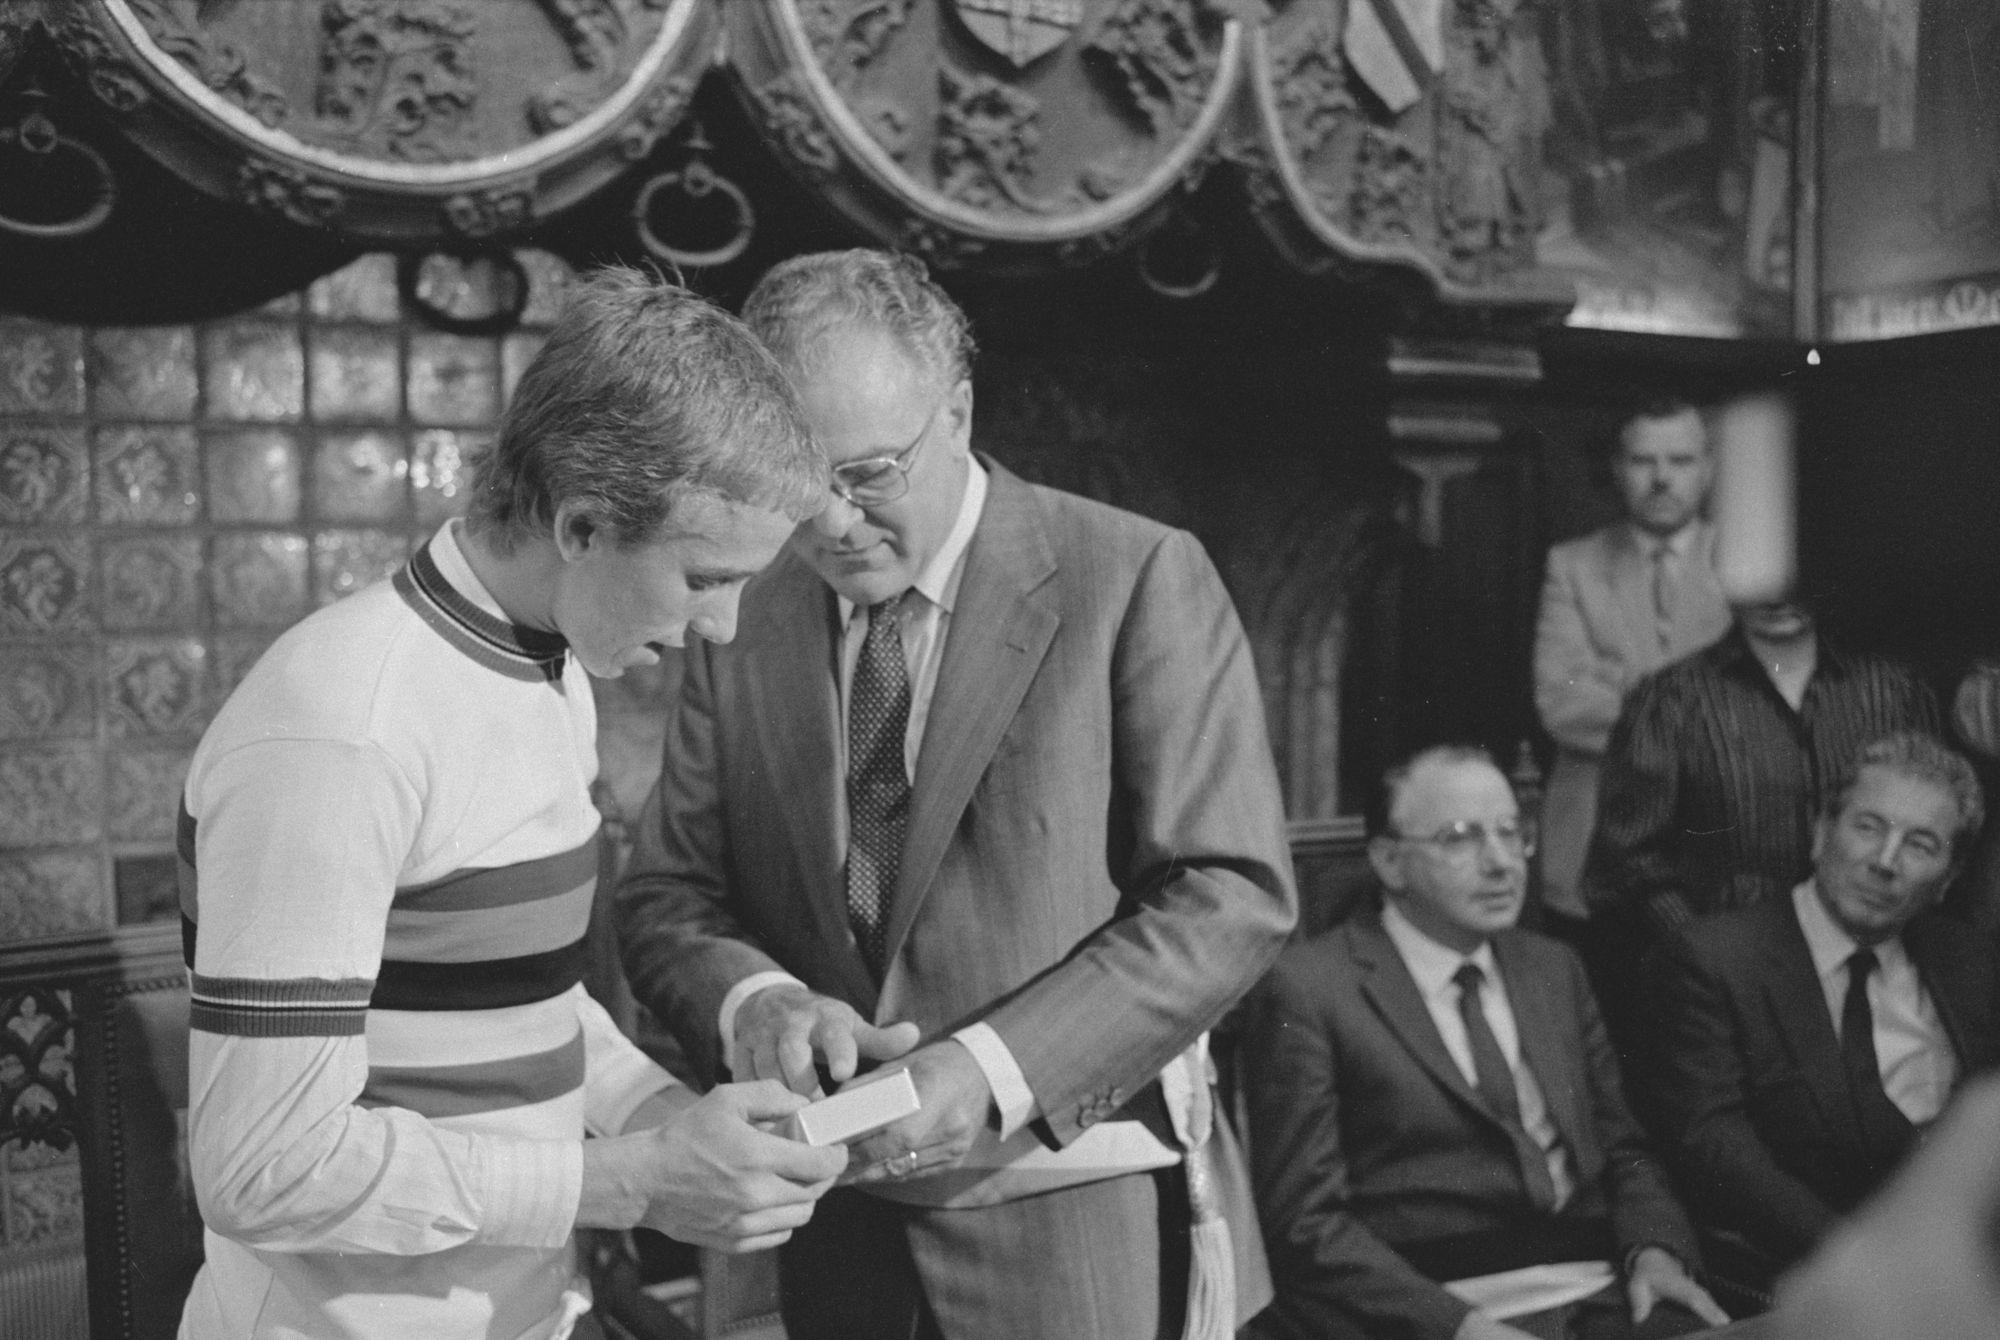 Ontvangste van Greg LeMond op het stadhuis